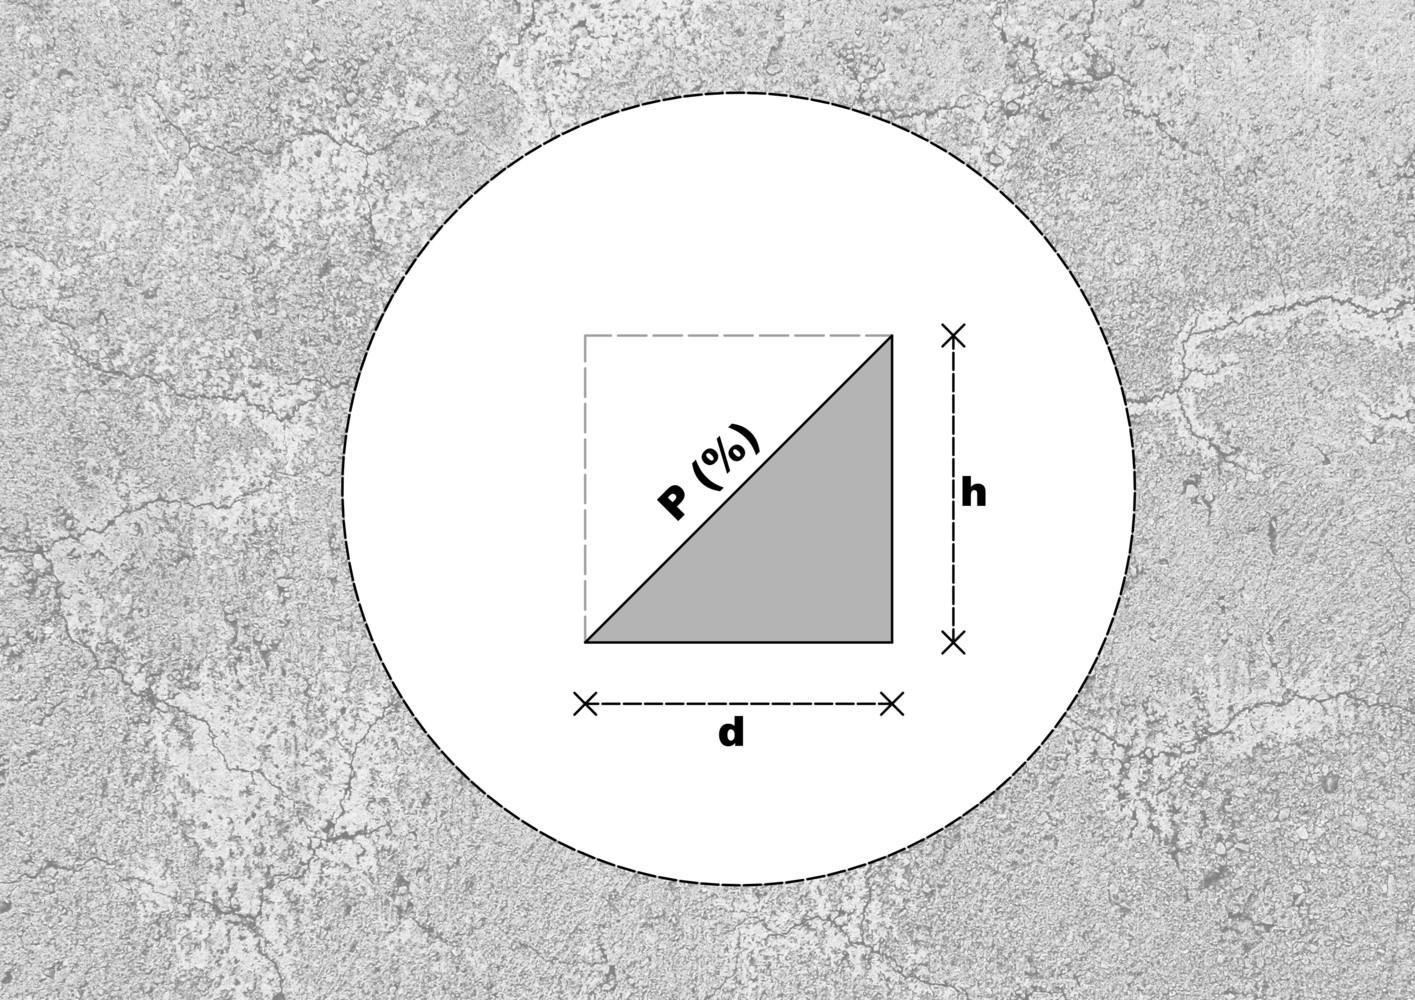 طراحی و محاسبه رمپ